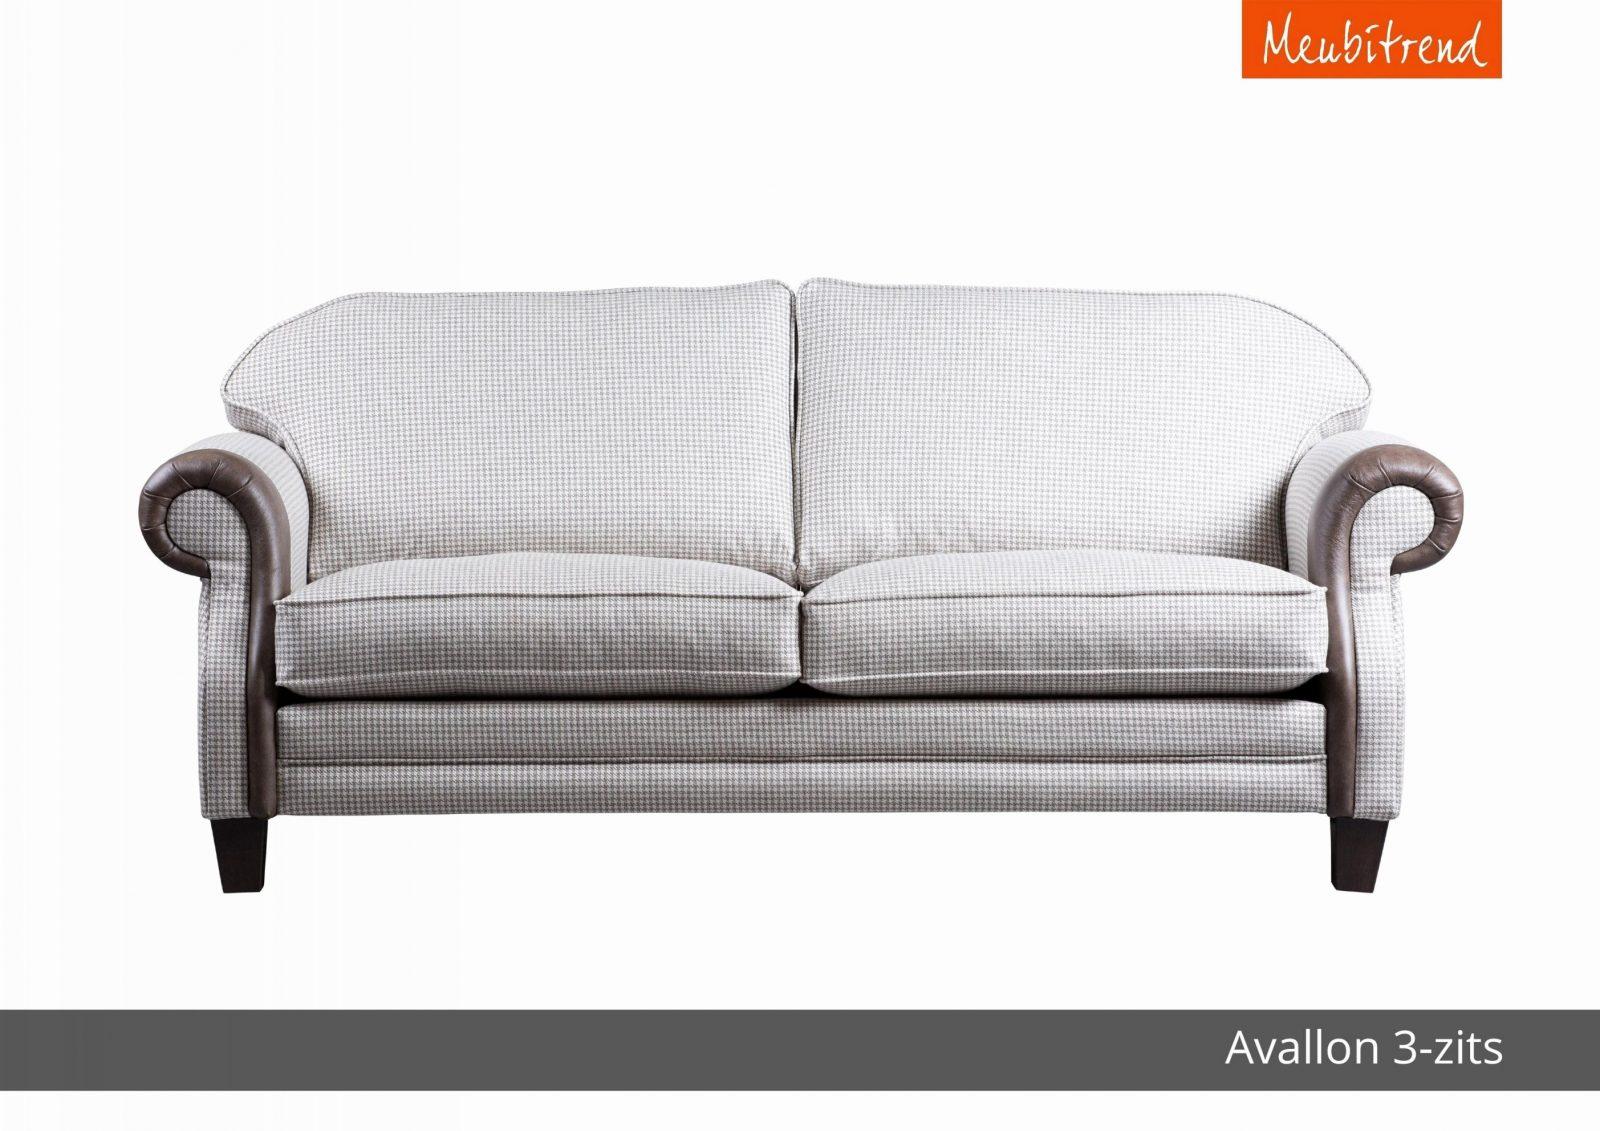 Schlafcouch Mit Bettkasten Meinung 36 Einzigartig Heuer von Schlafsofa Mit Bettkasten Ikea Bild